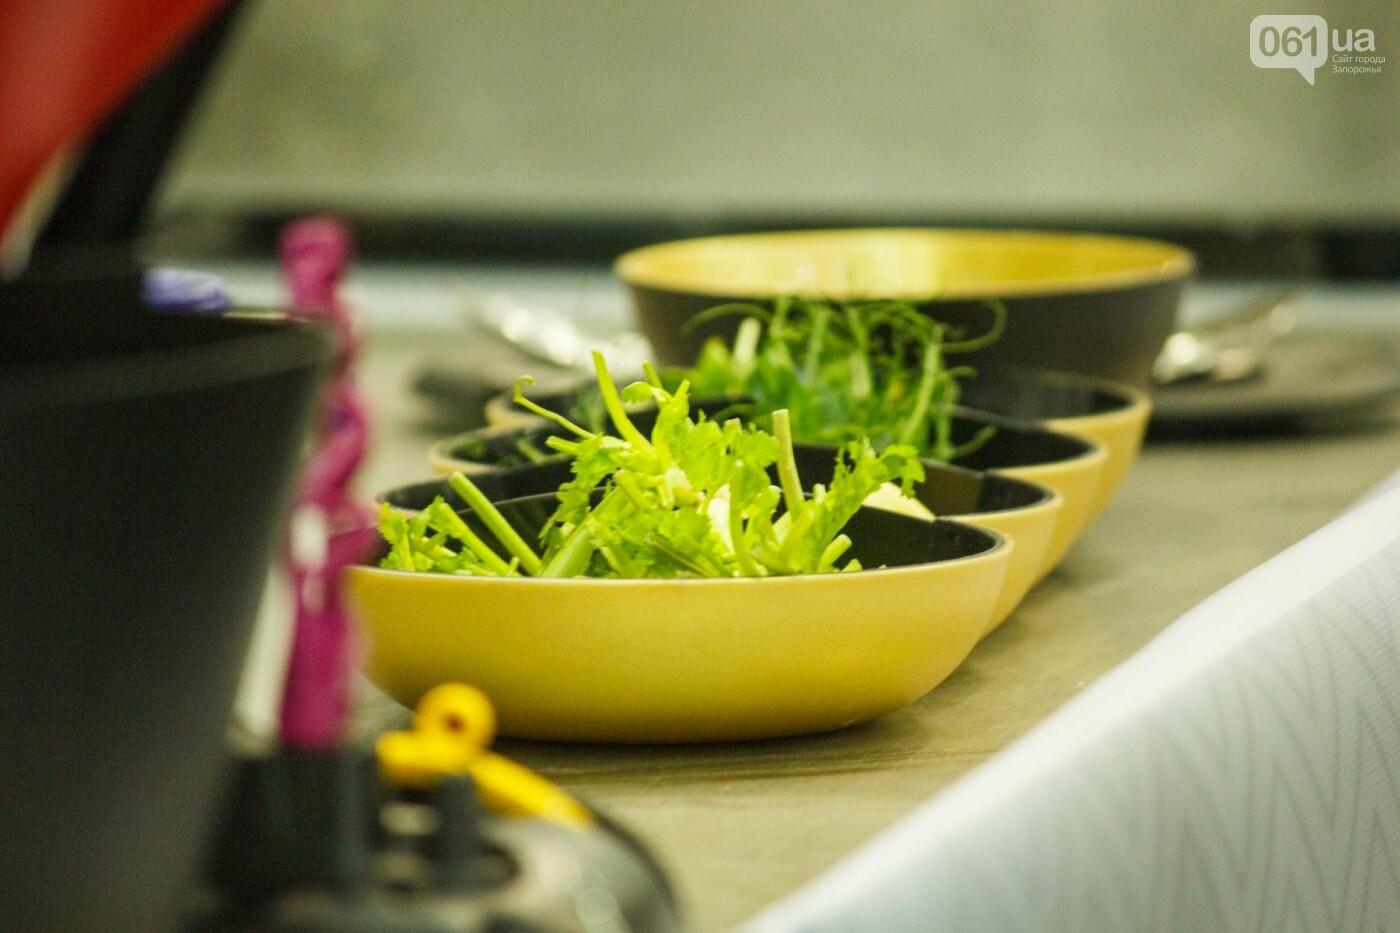 Шеф-повара запорожских ресторанов провели мастер-класс для горожан: как это было, - ФОТОРЕПОРТАЖ, фото-50